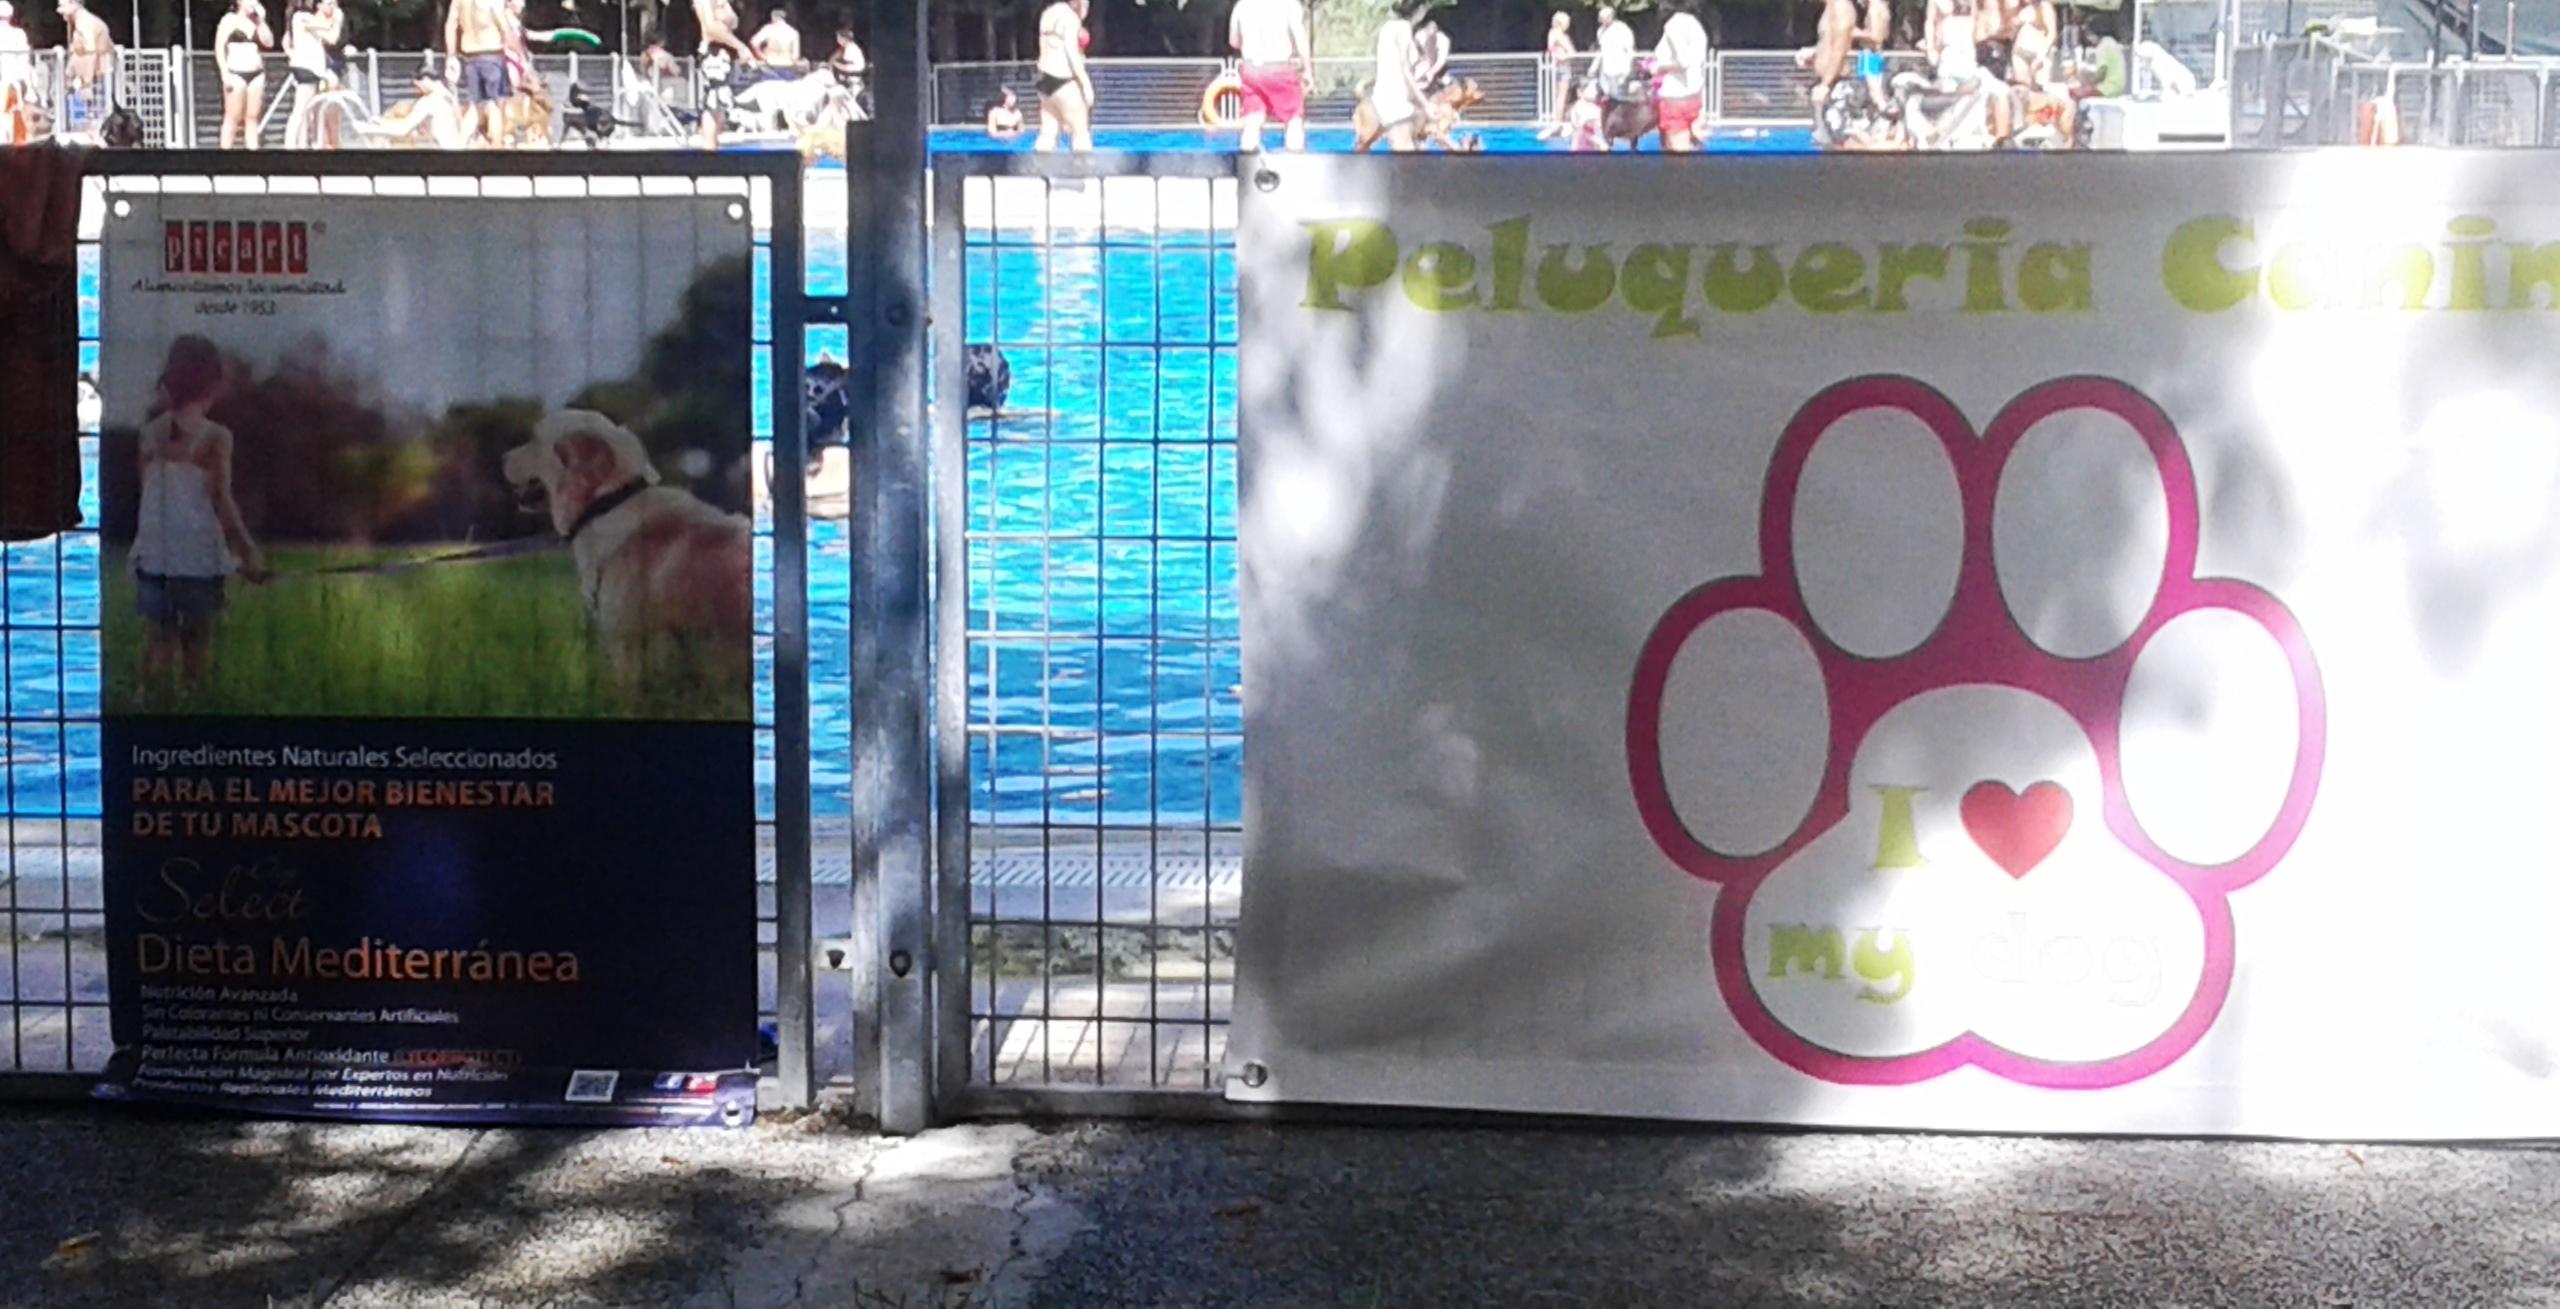 Picart Petcare Collaborates In Chapuzón En Las Vegas